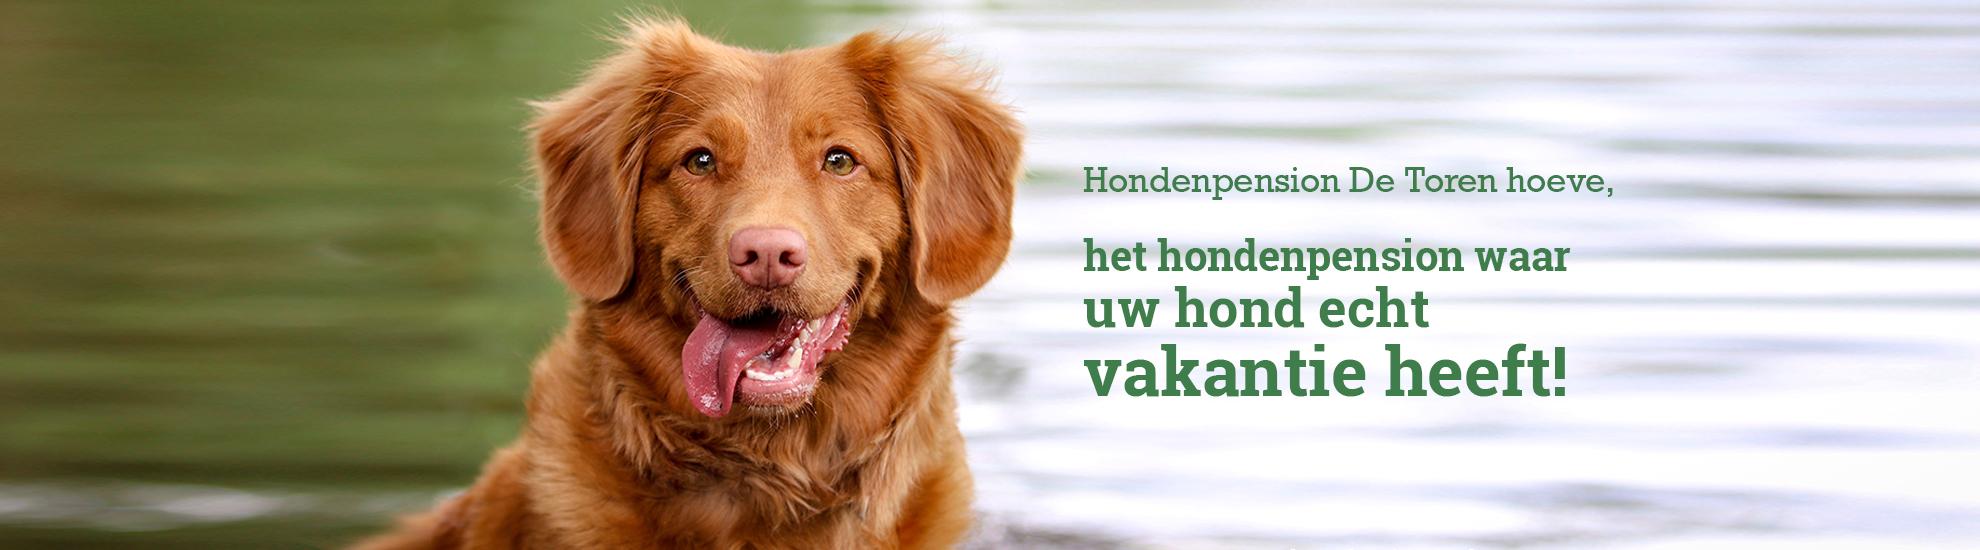 Hondenpension De Toren hoeve, waar uw hond echt vakantie heeft